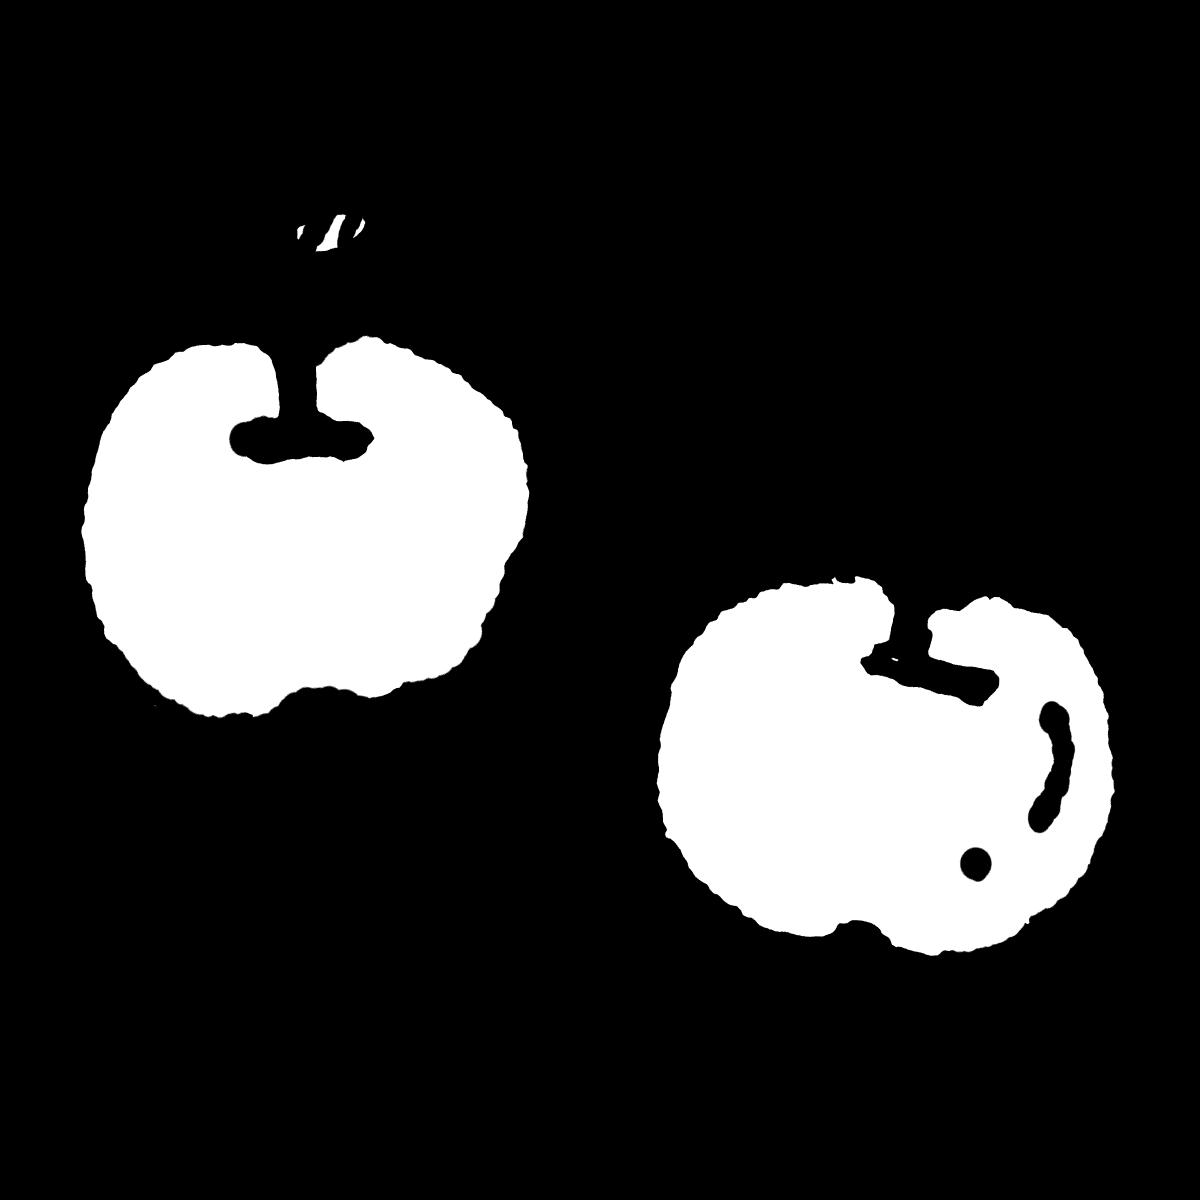 りんごのイラスト Apple  Illustration